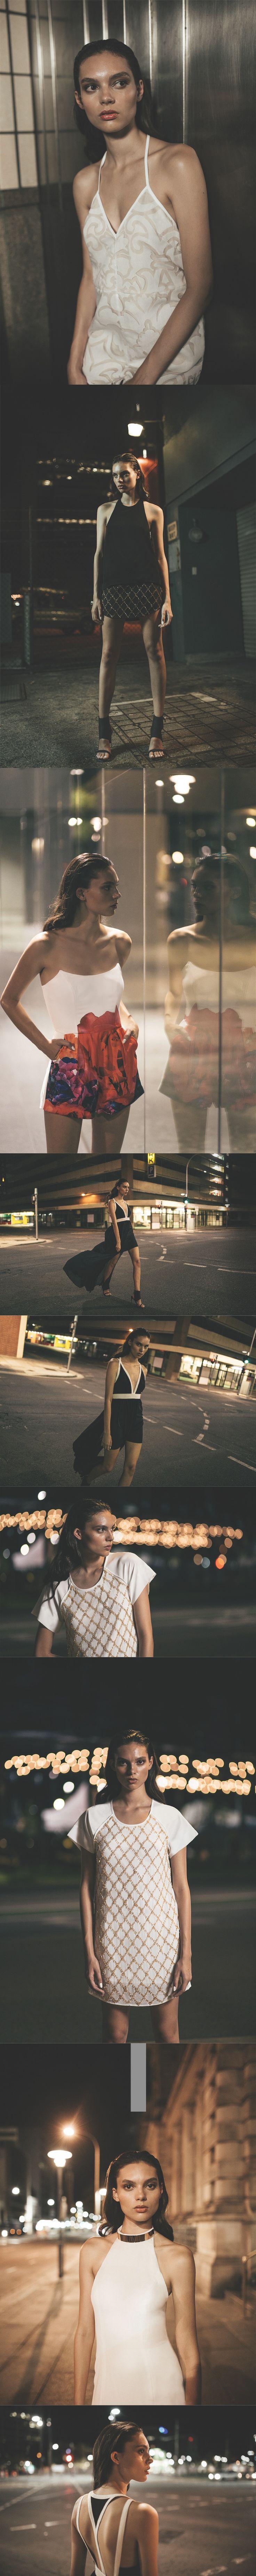 KEEPSAKE THE LABEL | NOCTURNAL | SHOP NOW | BNKR | http://fashionbunker.com/label/keepsake?order=sort_date&dir=desc